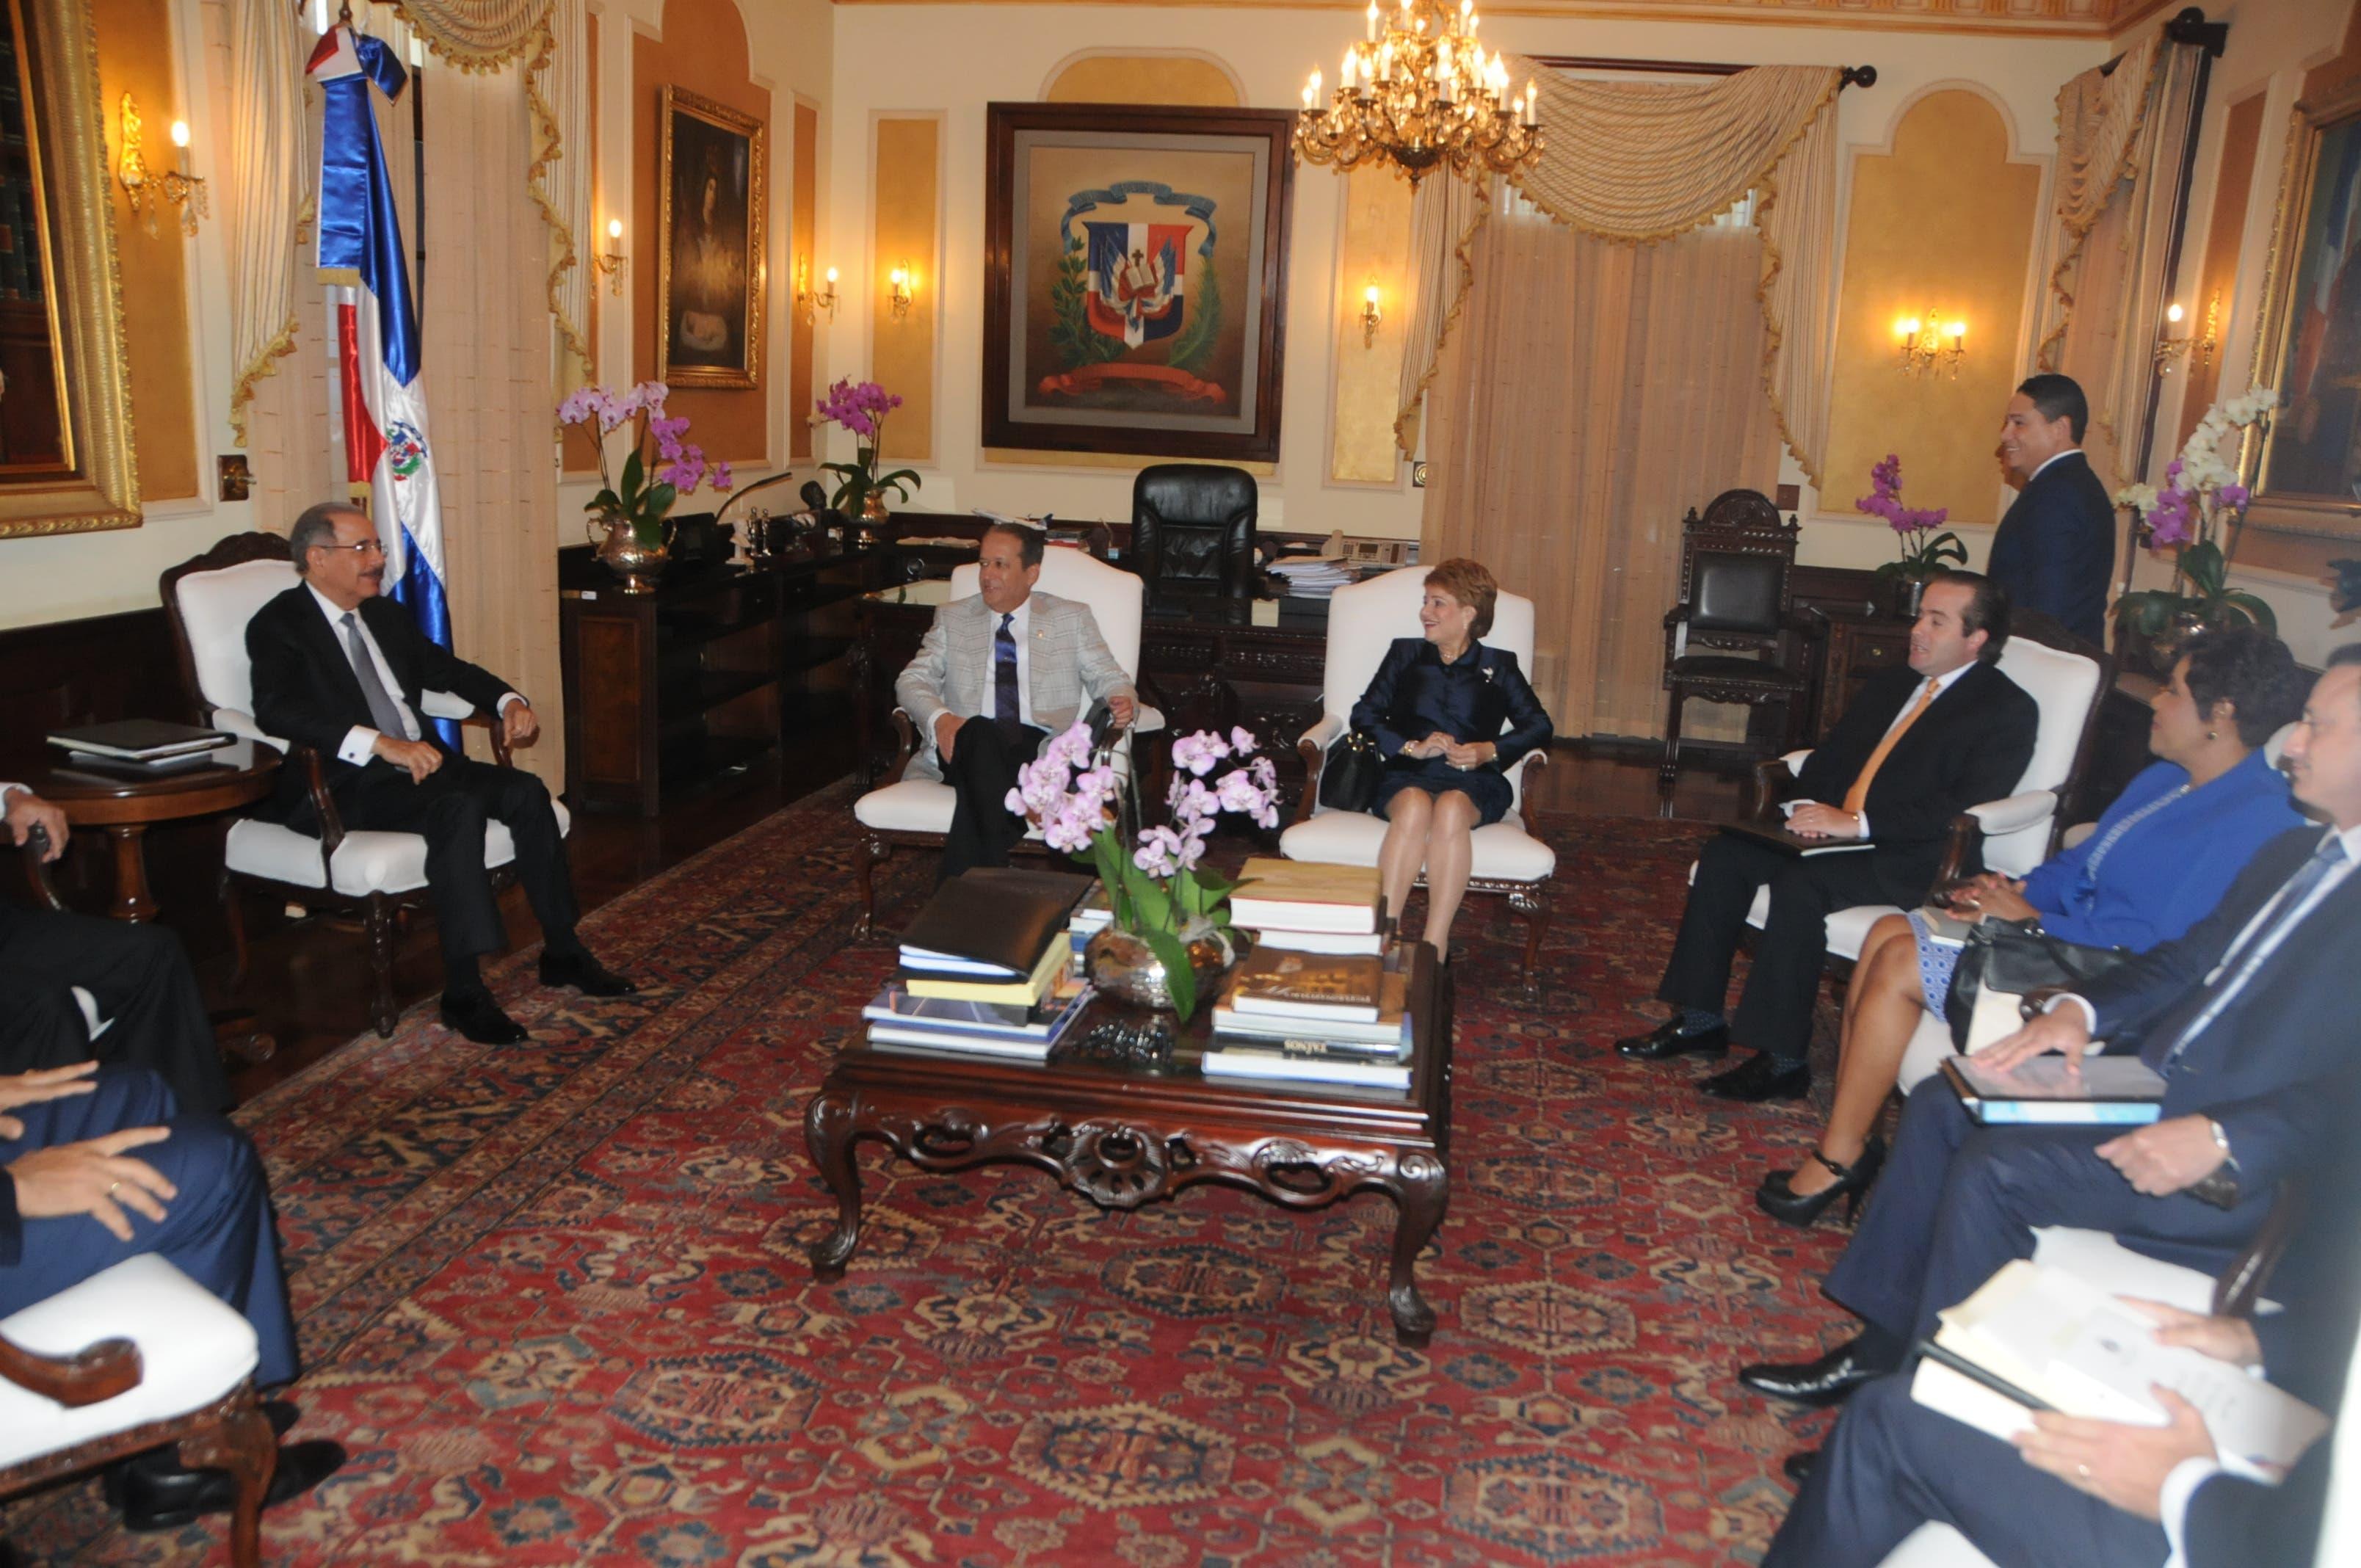 Los miembros del Consejo Nacional de la Magistratura están reunidos en el Palacio Nacional. Nicolás Monegro.